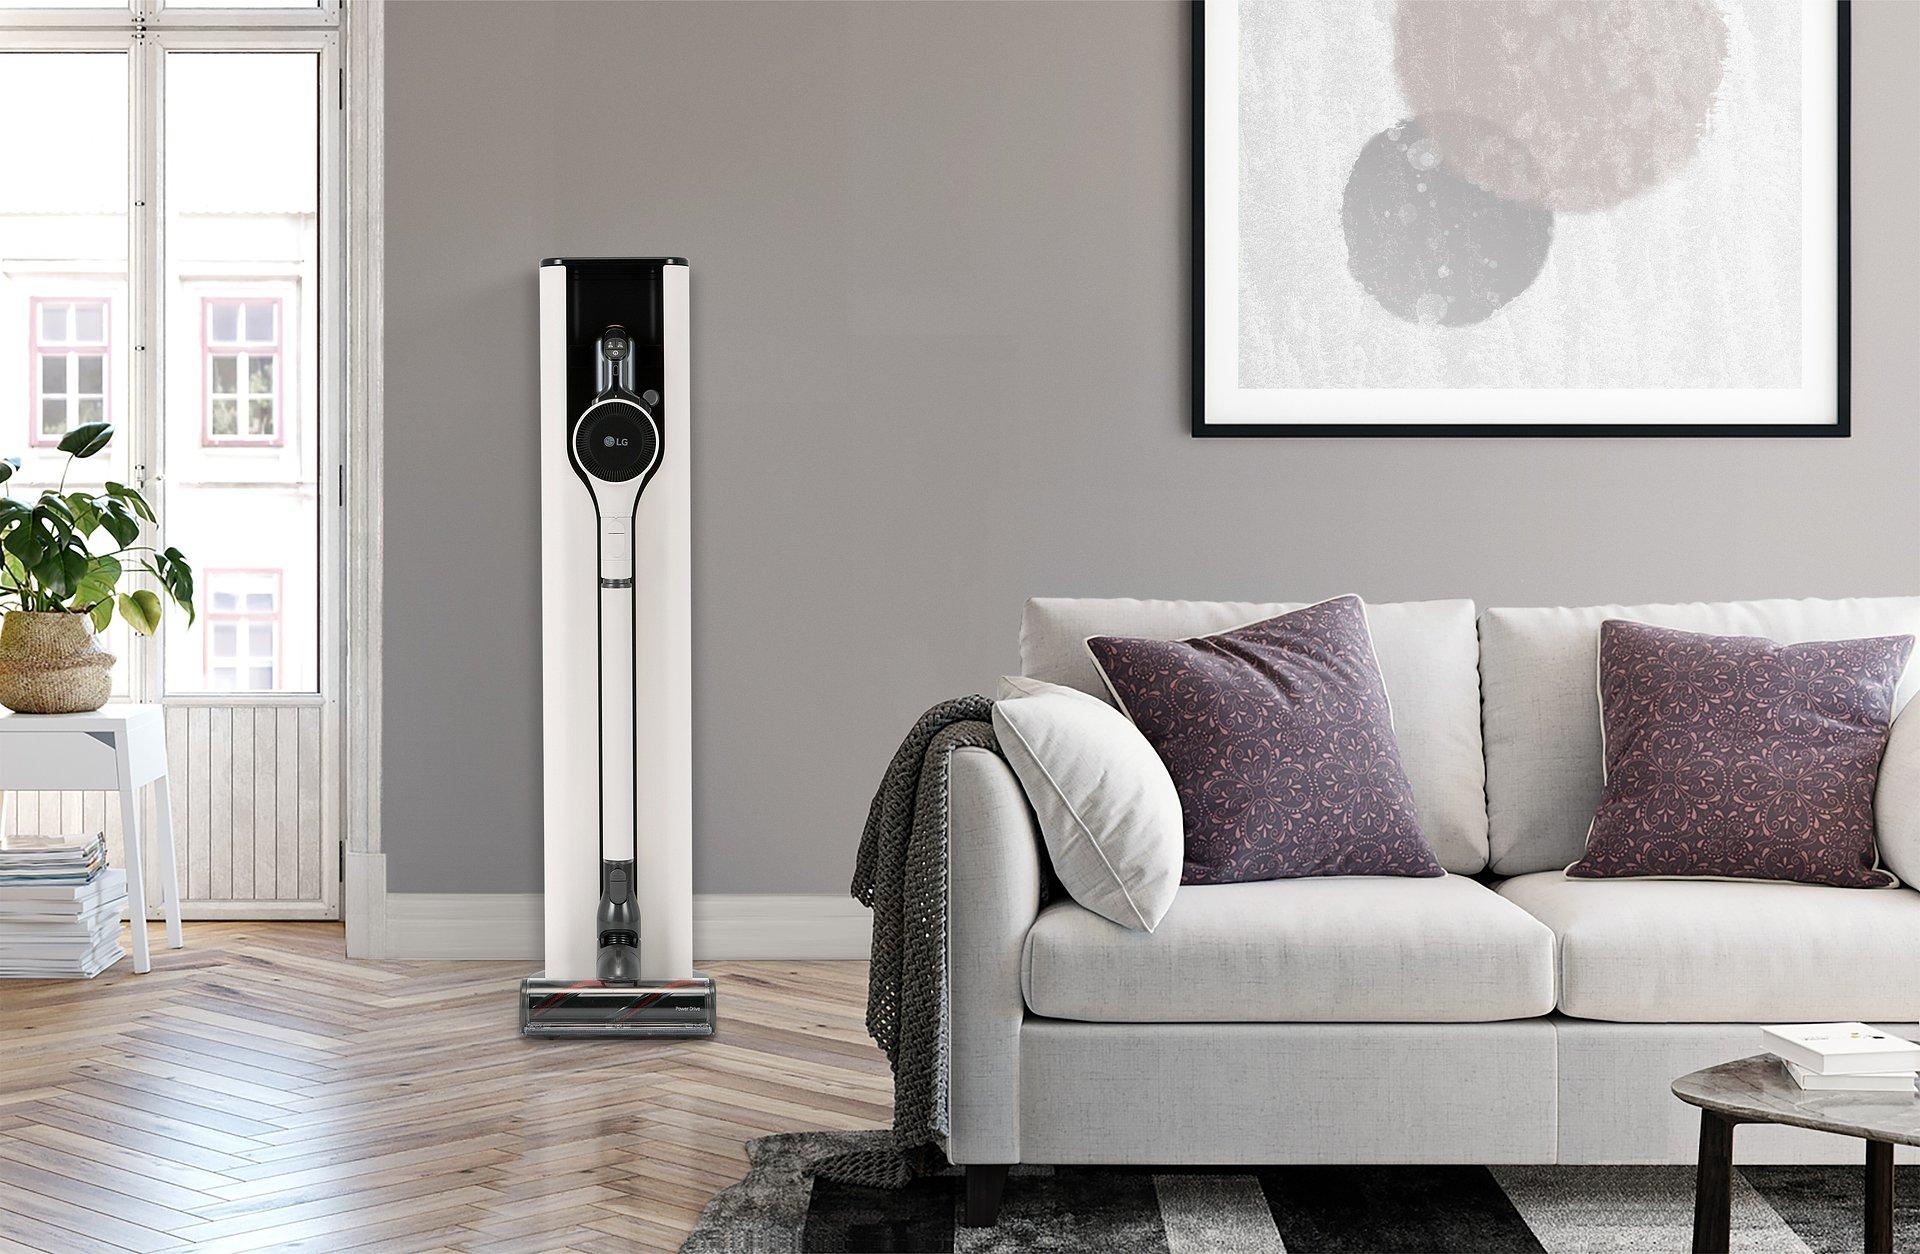 CES 2021: Najnowszy odkurzacz LG CordZero ThinQ z nową stacją ładowania zapewnia najwyższy komfort sprzątania